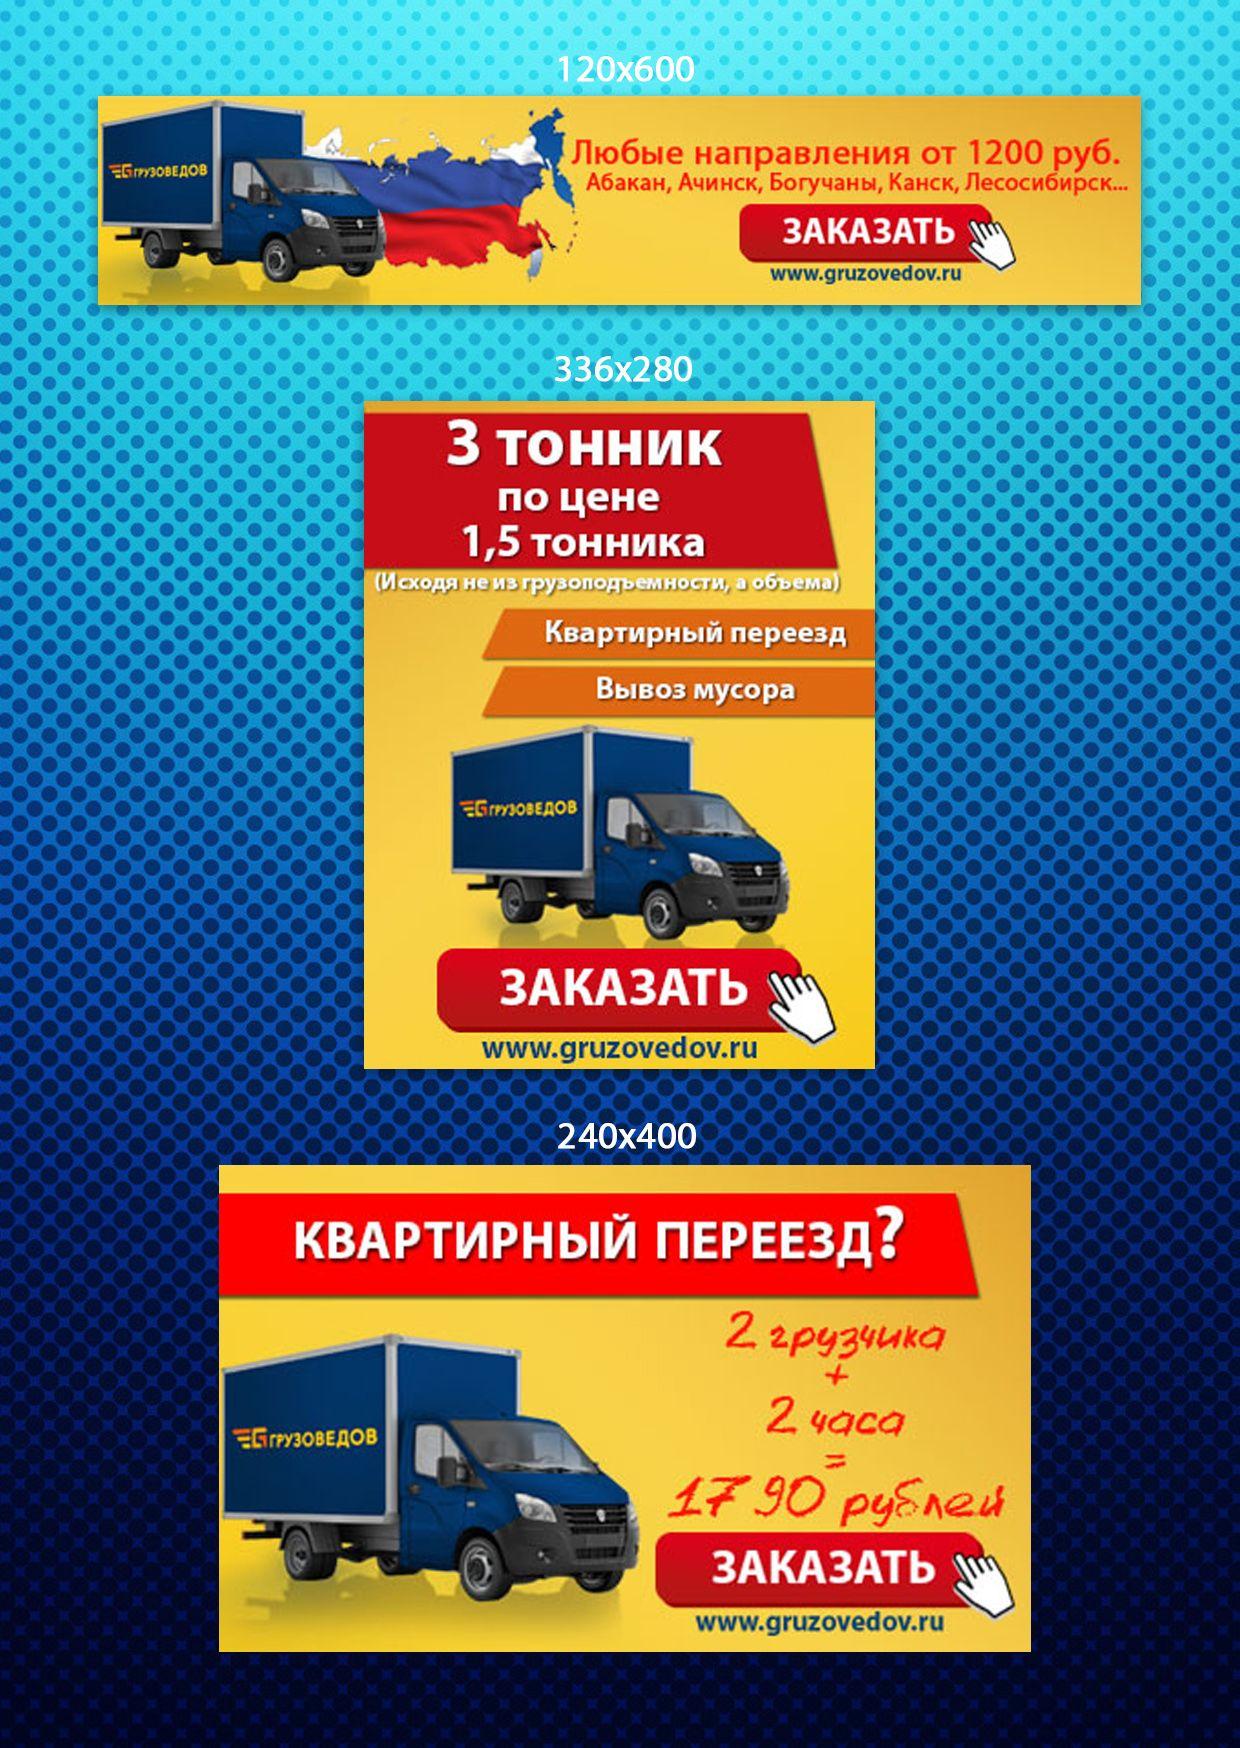 Веб-баннеры для Транспортной компании - дизайнер samual15